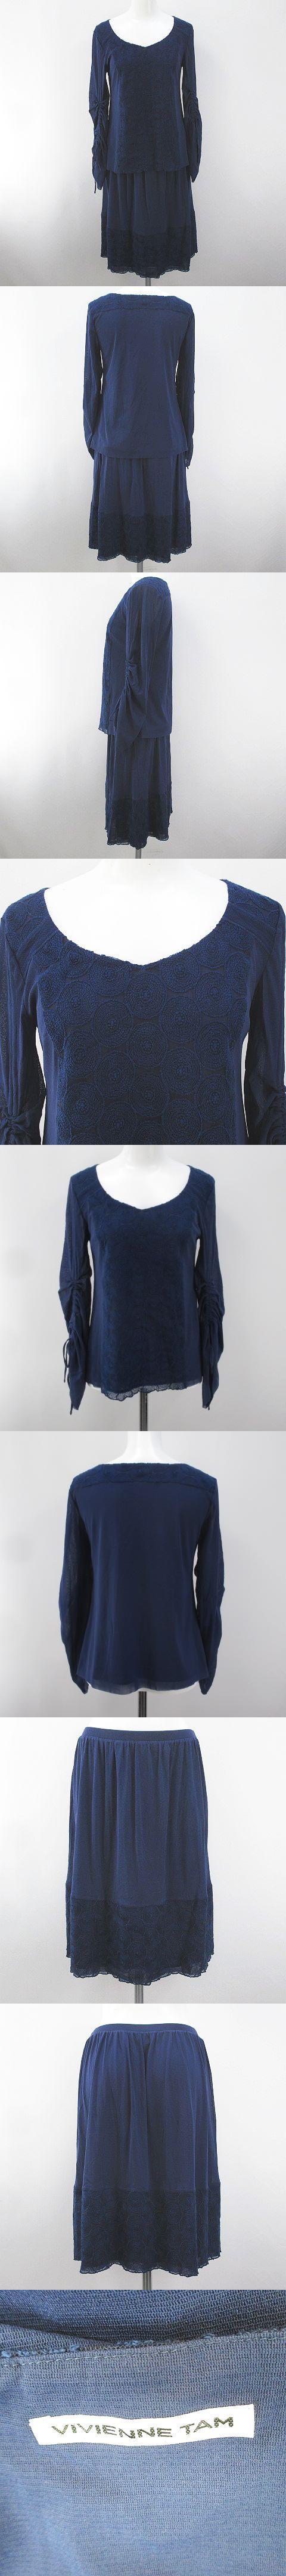 セットアップ 上下 長袖 ブラウス 膝丈 フレアスカート 1 青系 ブルー 刺繍 ステッチ 裏地